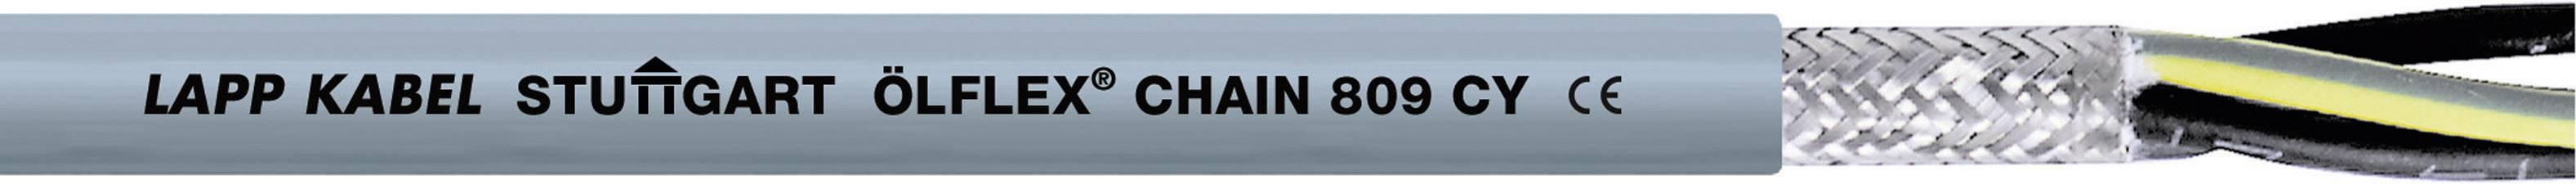 Žíla kabelu LappKabel ÖLFLEX CHAIN 809 CY 4G2,5 (1026784), 4x 2,5 mm², PVC, Ø 10,1 mm, stíněný, 1 m, šedá